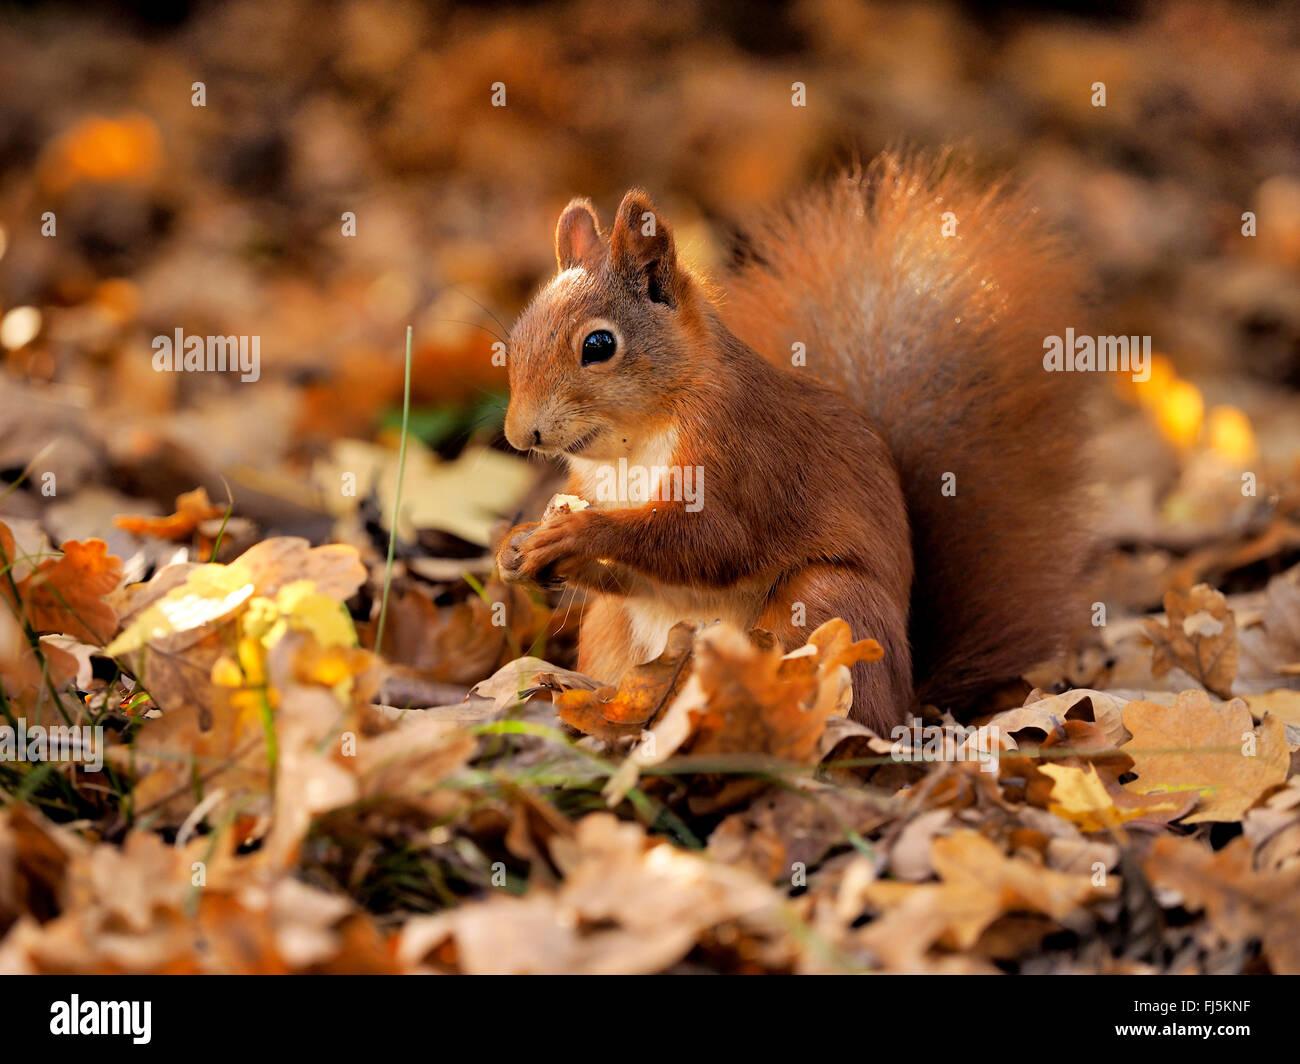 L'écureuil roux européen eurasien, l'écureuil roux (Sciurus vulgaris), assis sur le feuillage Photo Stock